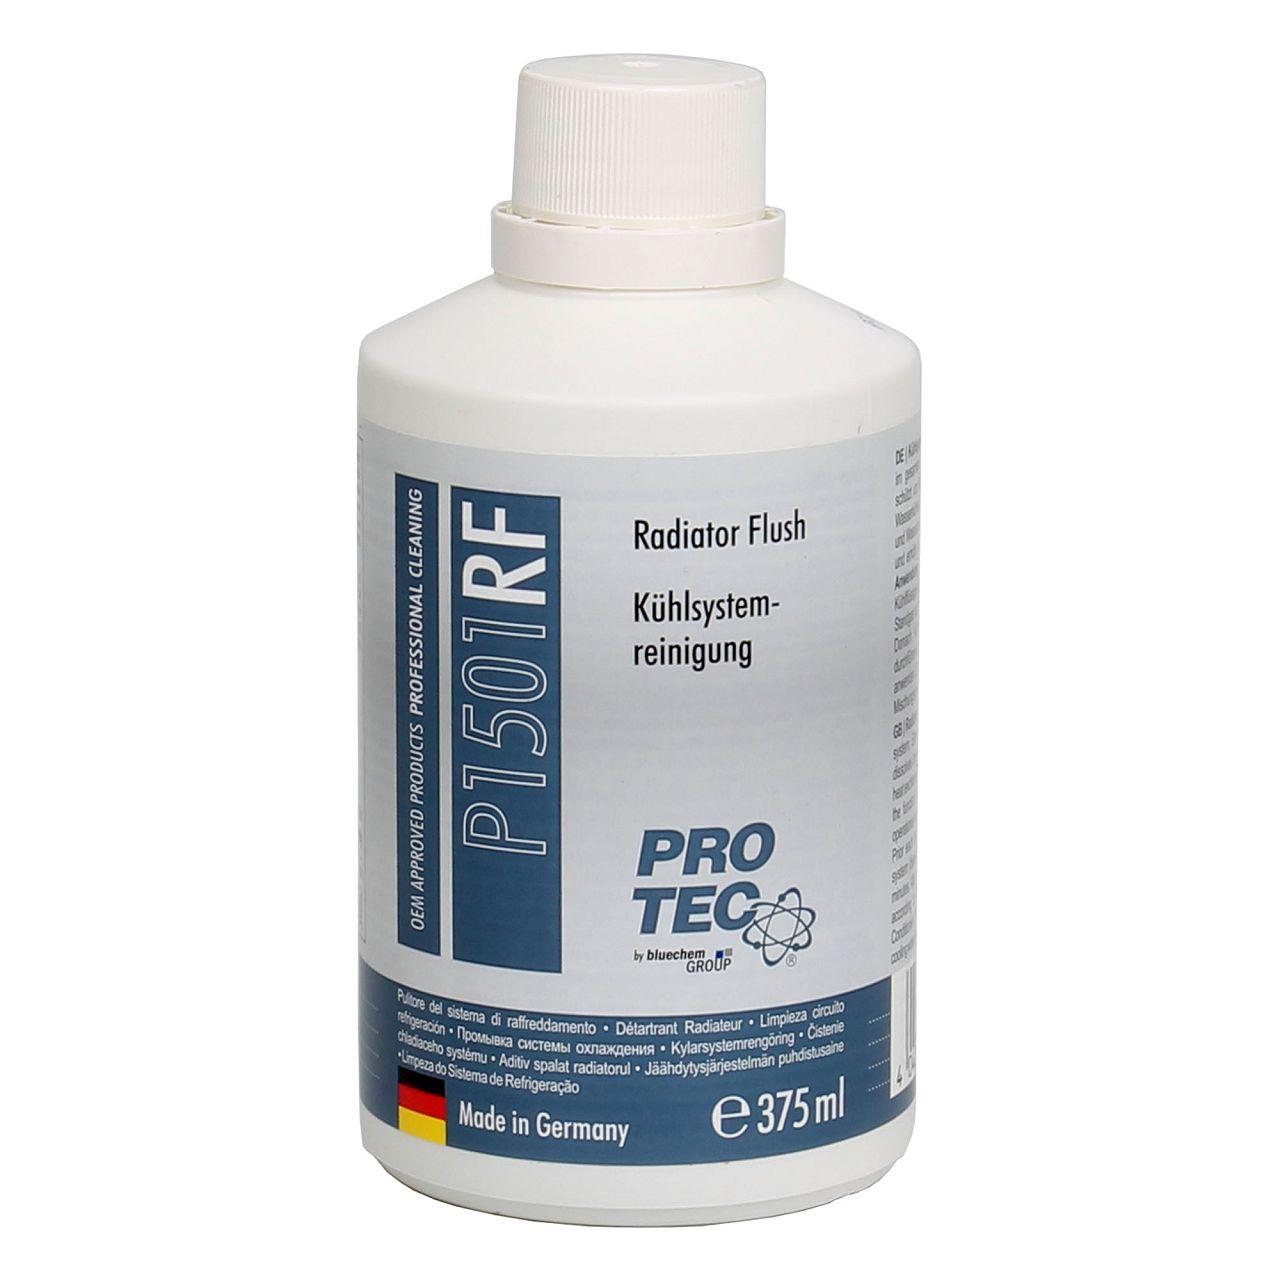 PROTEC RF Radiator Flush Kühlsystemreiniger Kühler Kühlsystem Reiniger 375ml